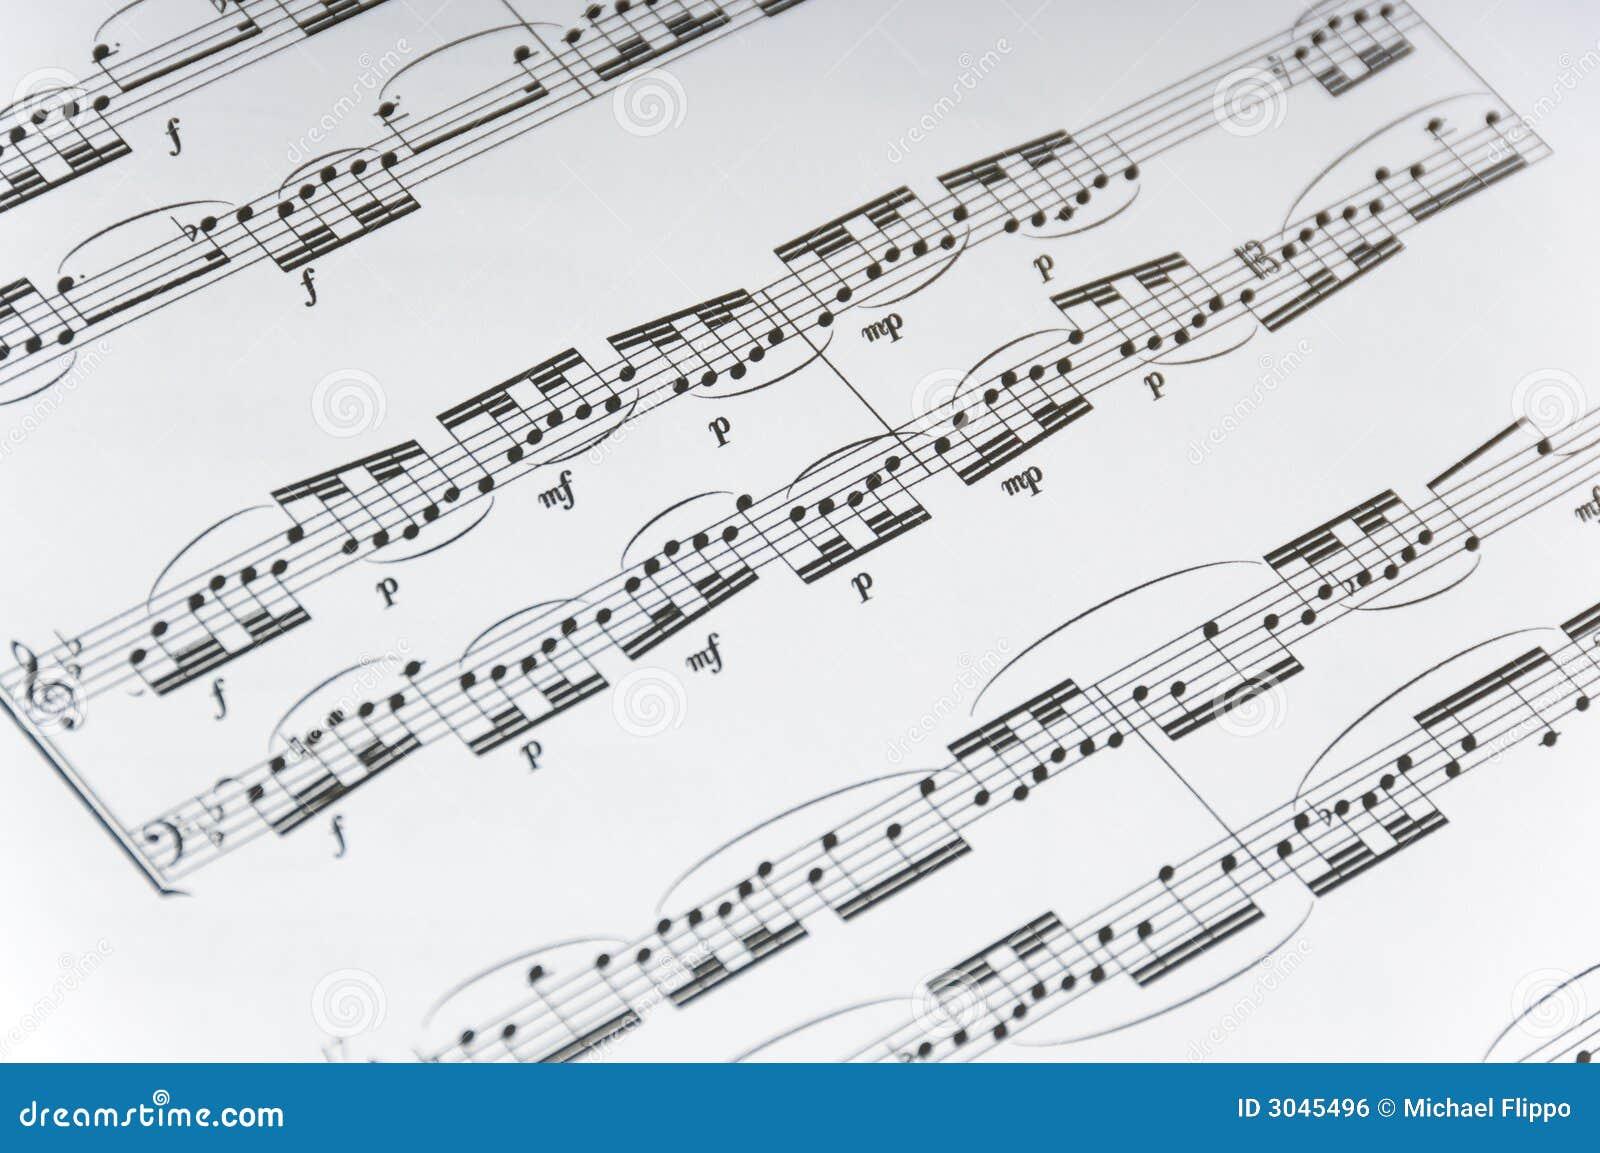 Sheet Music Background stock photo  Image of background